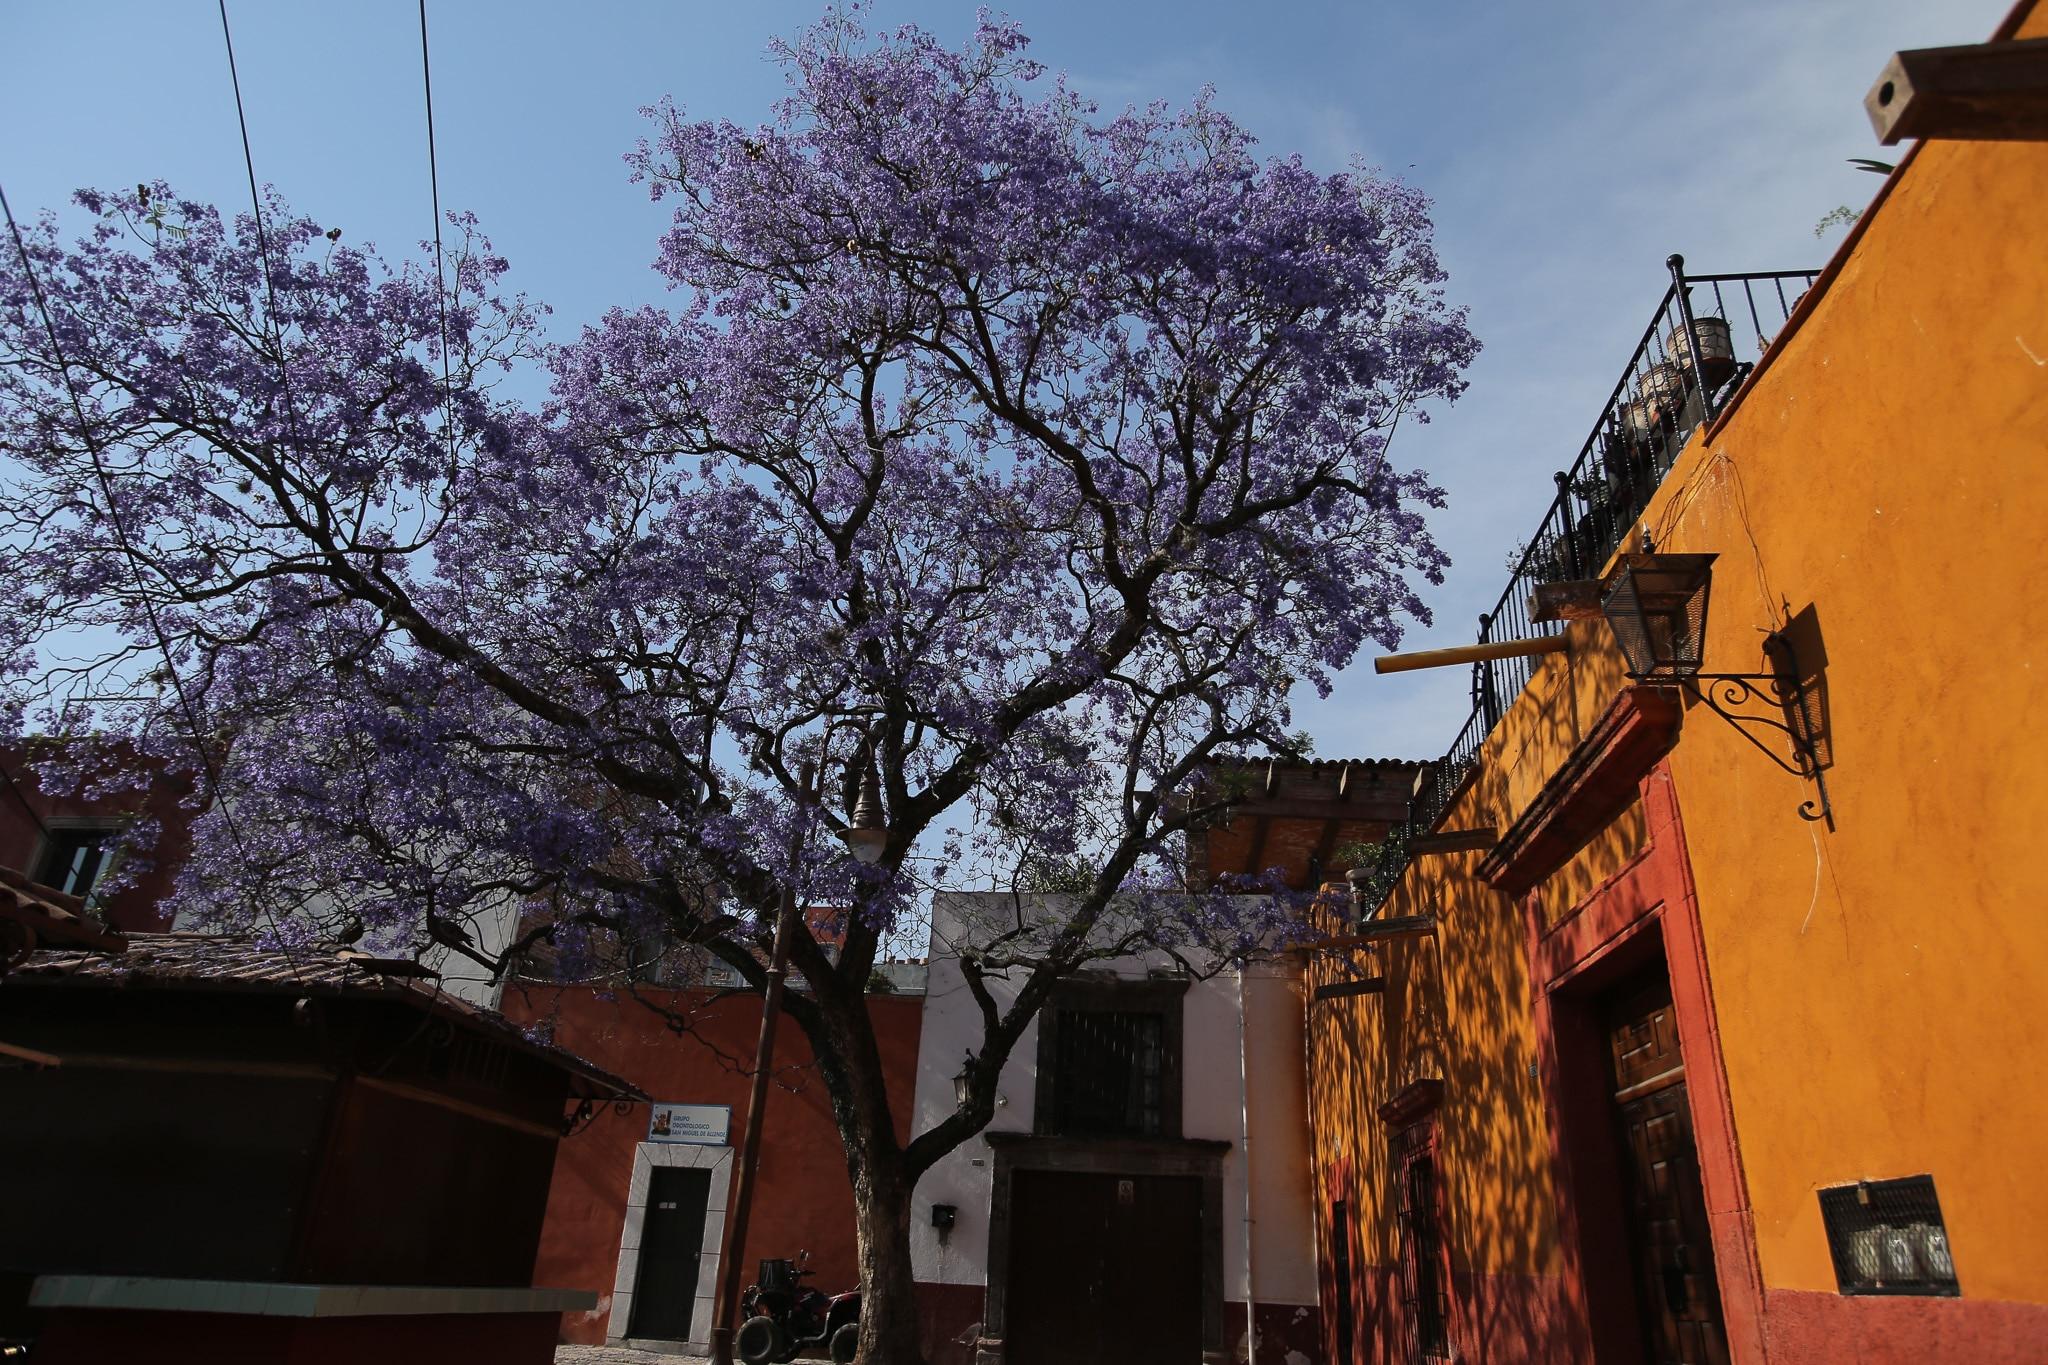 San Miguel de Allende in the spring